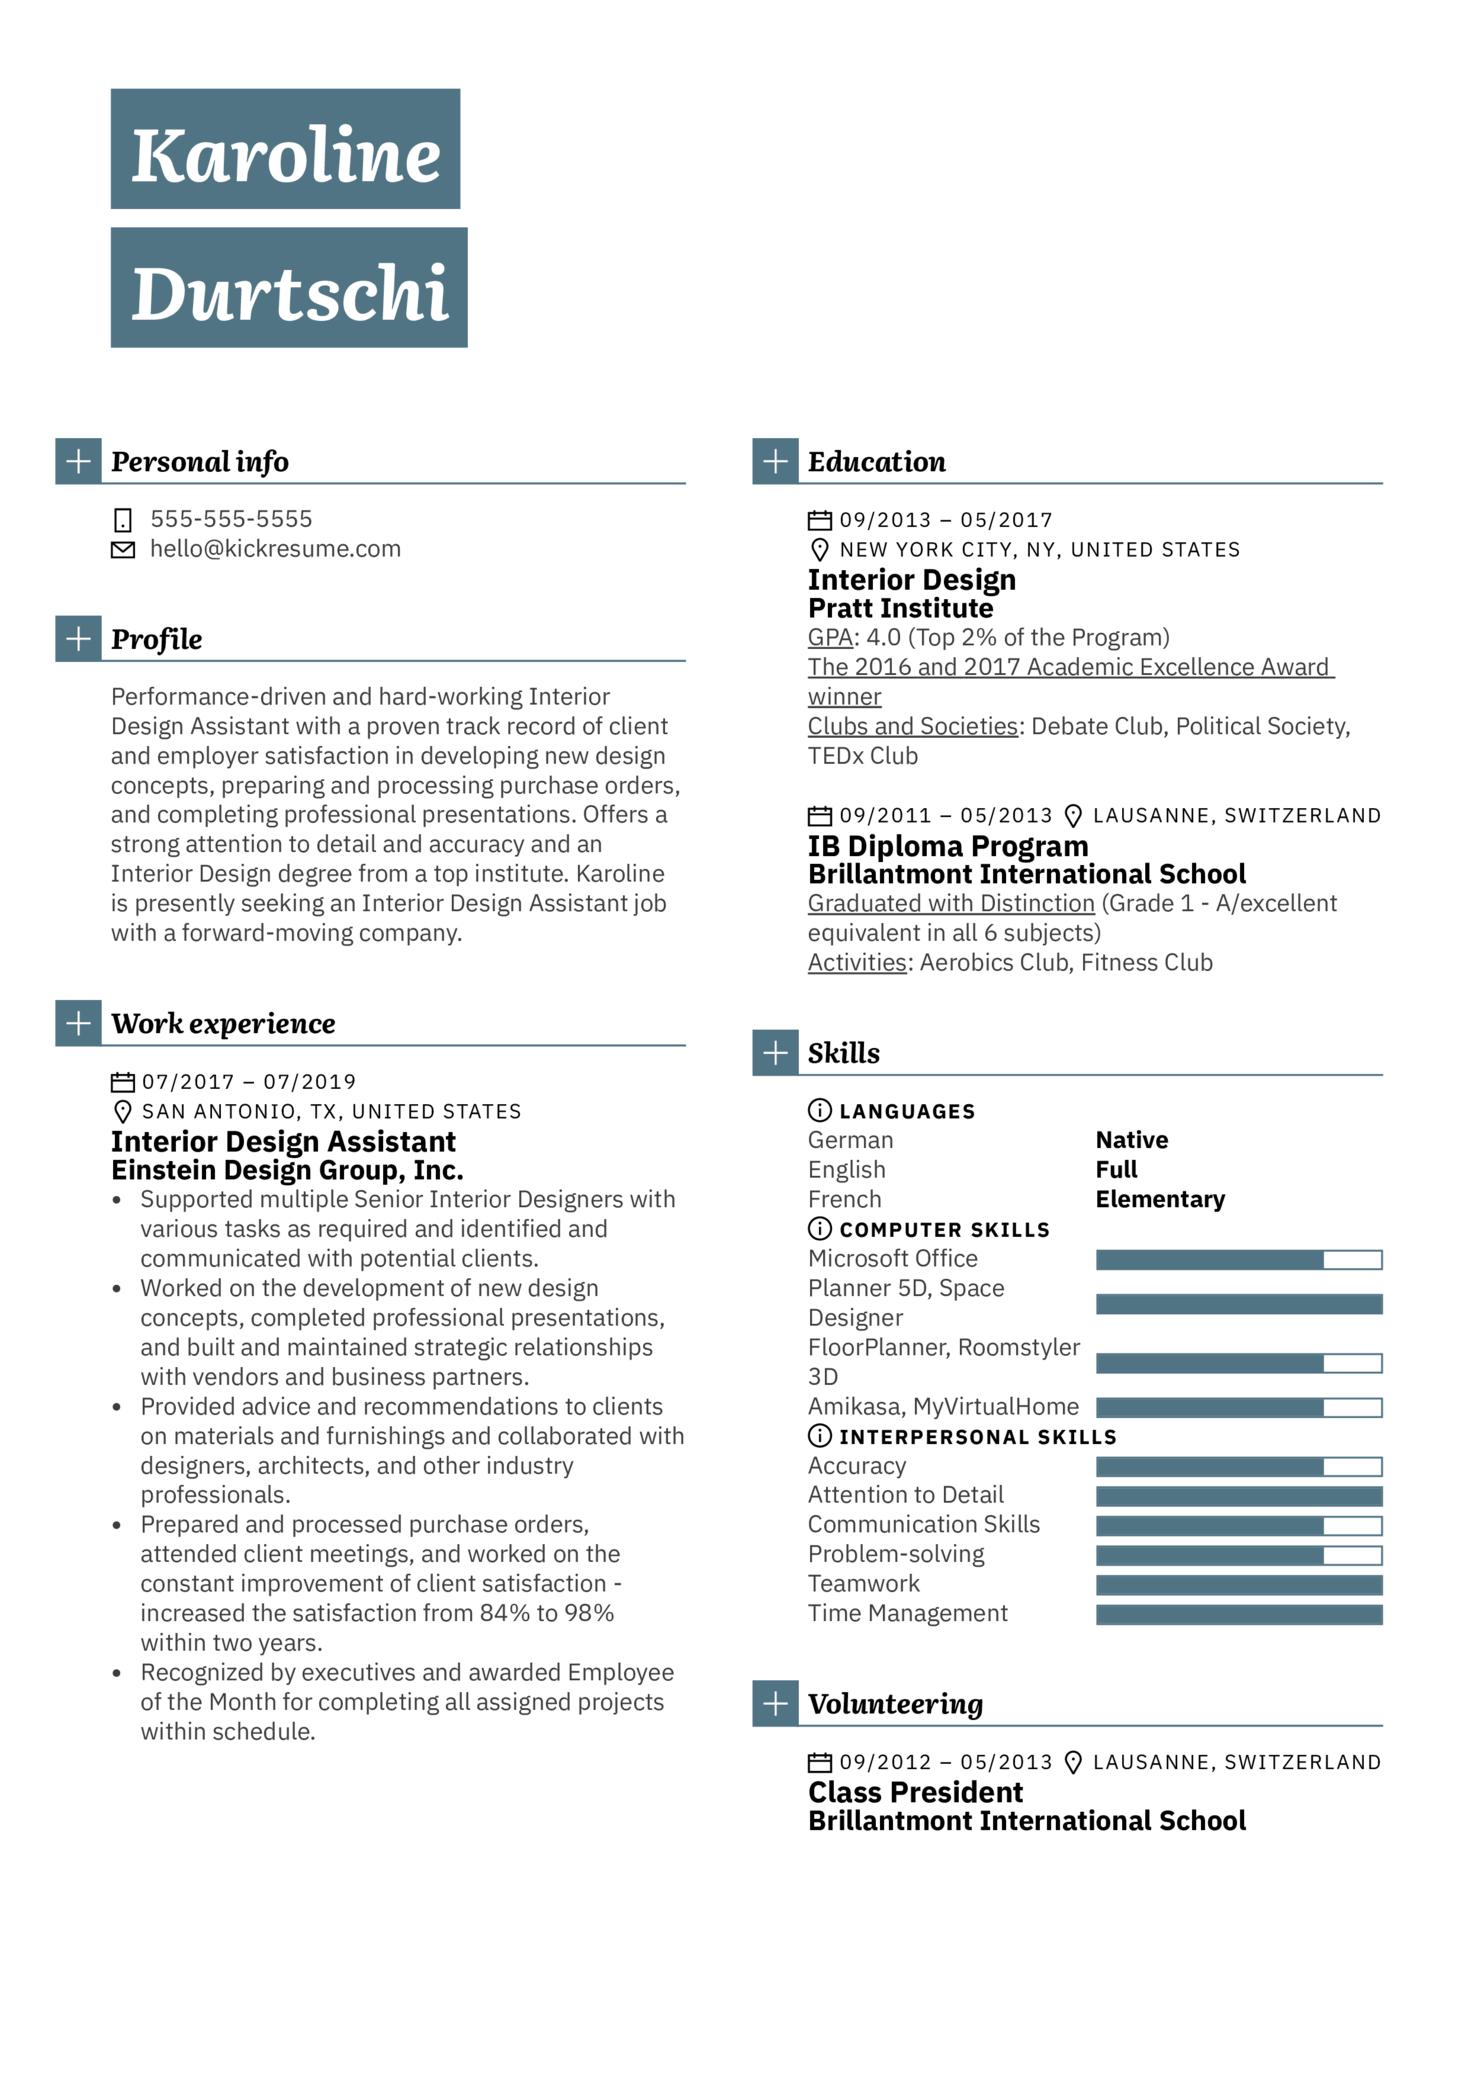 Interior Design Assistant Resume Example (parte 1)